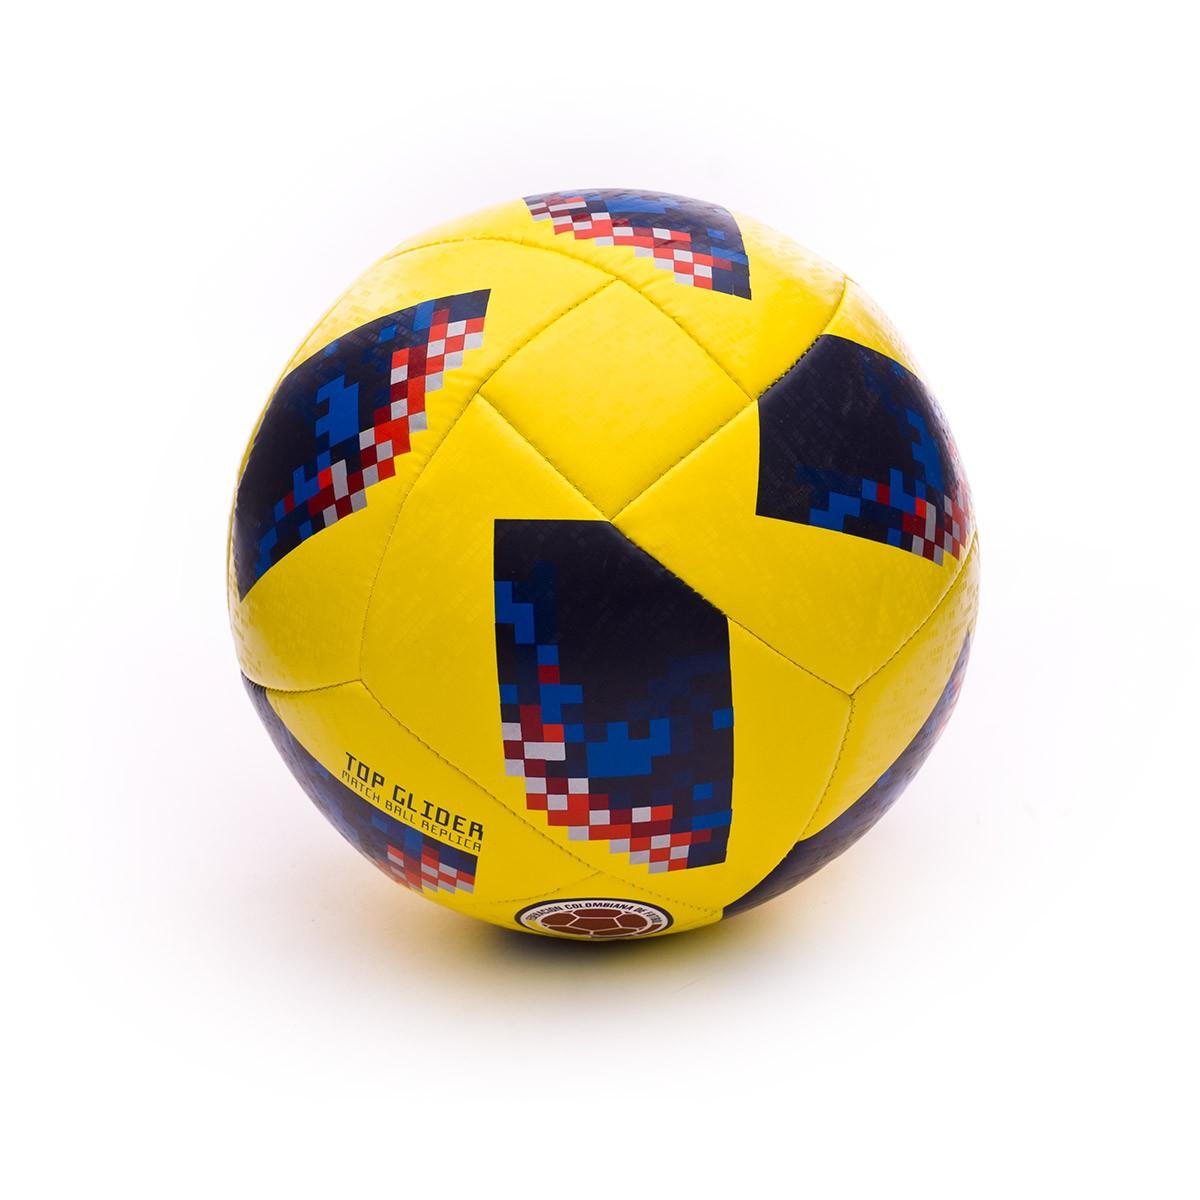 0a7fcb5c24a66 Balón adidas World Cup 18 Colombia Telstar 2017-2018 Yellow-Collegiate navy  - Tienda de fútbol Fútbol Emotion